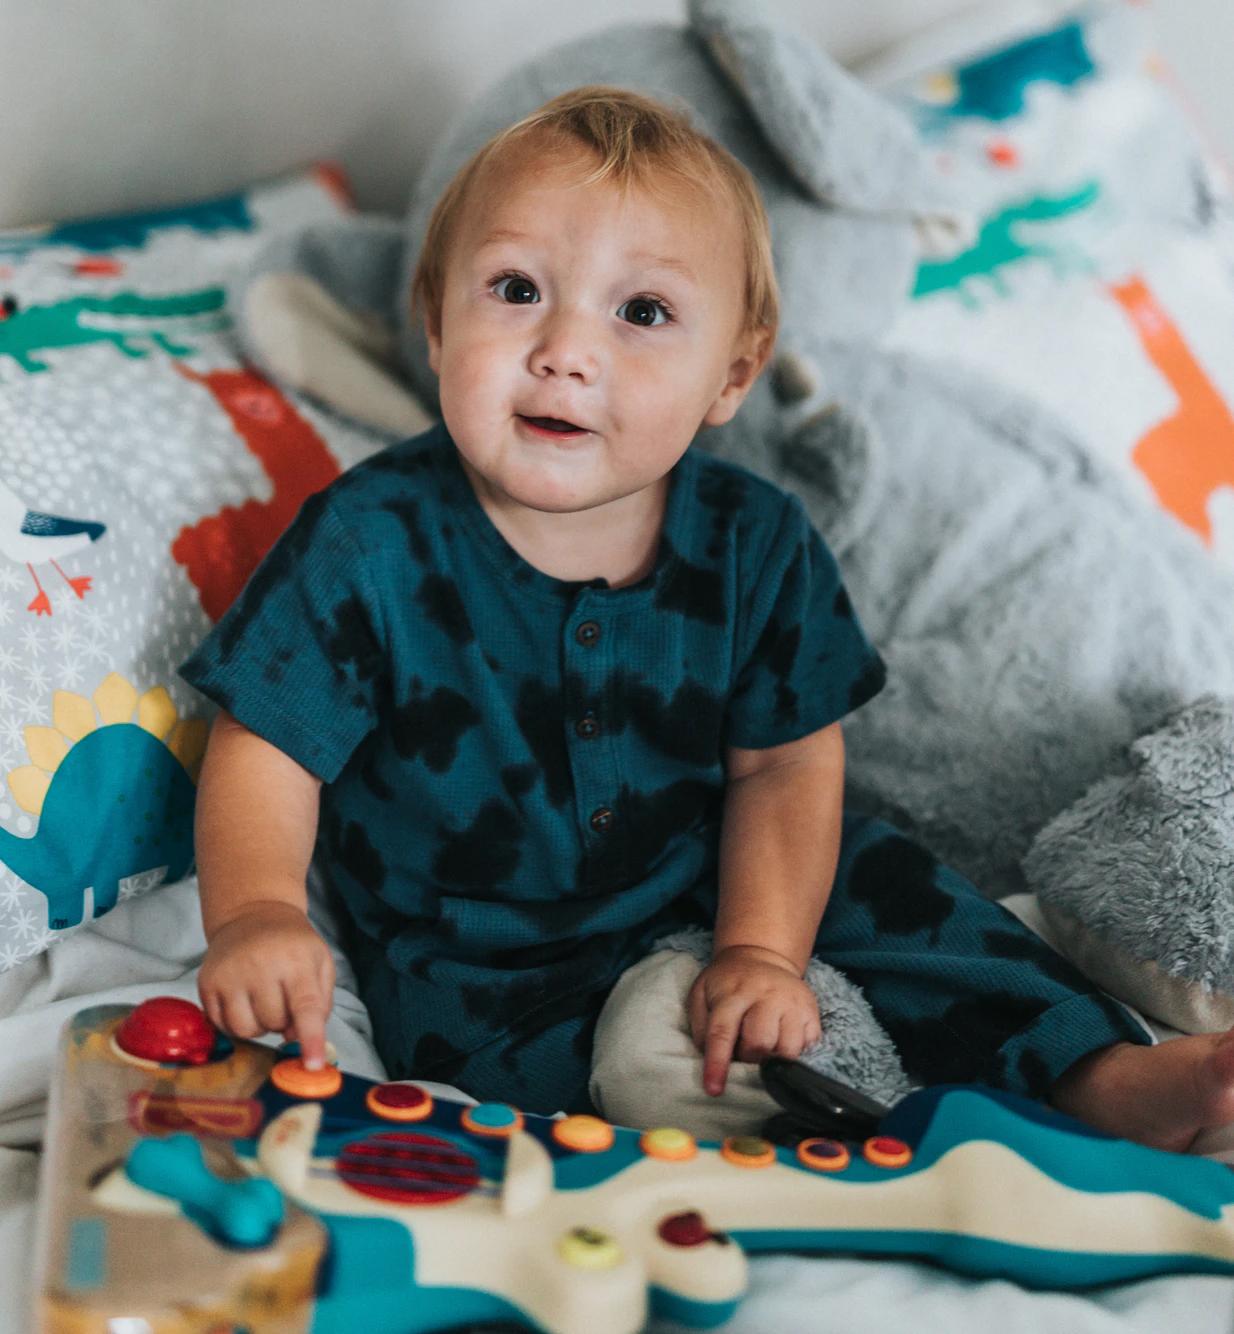 toddler-playing